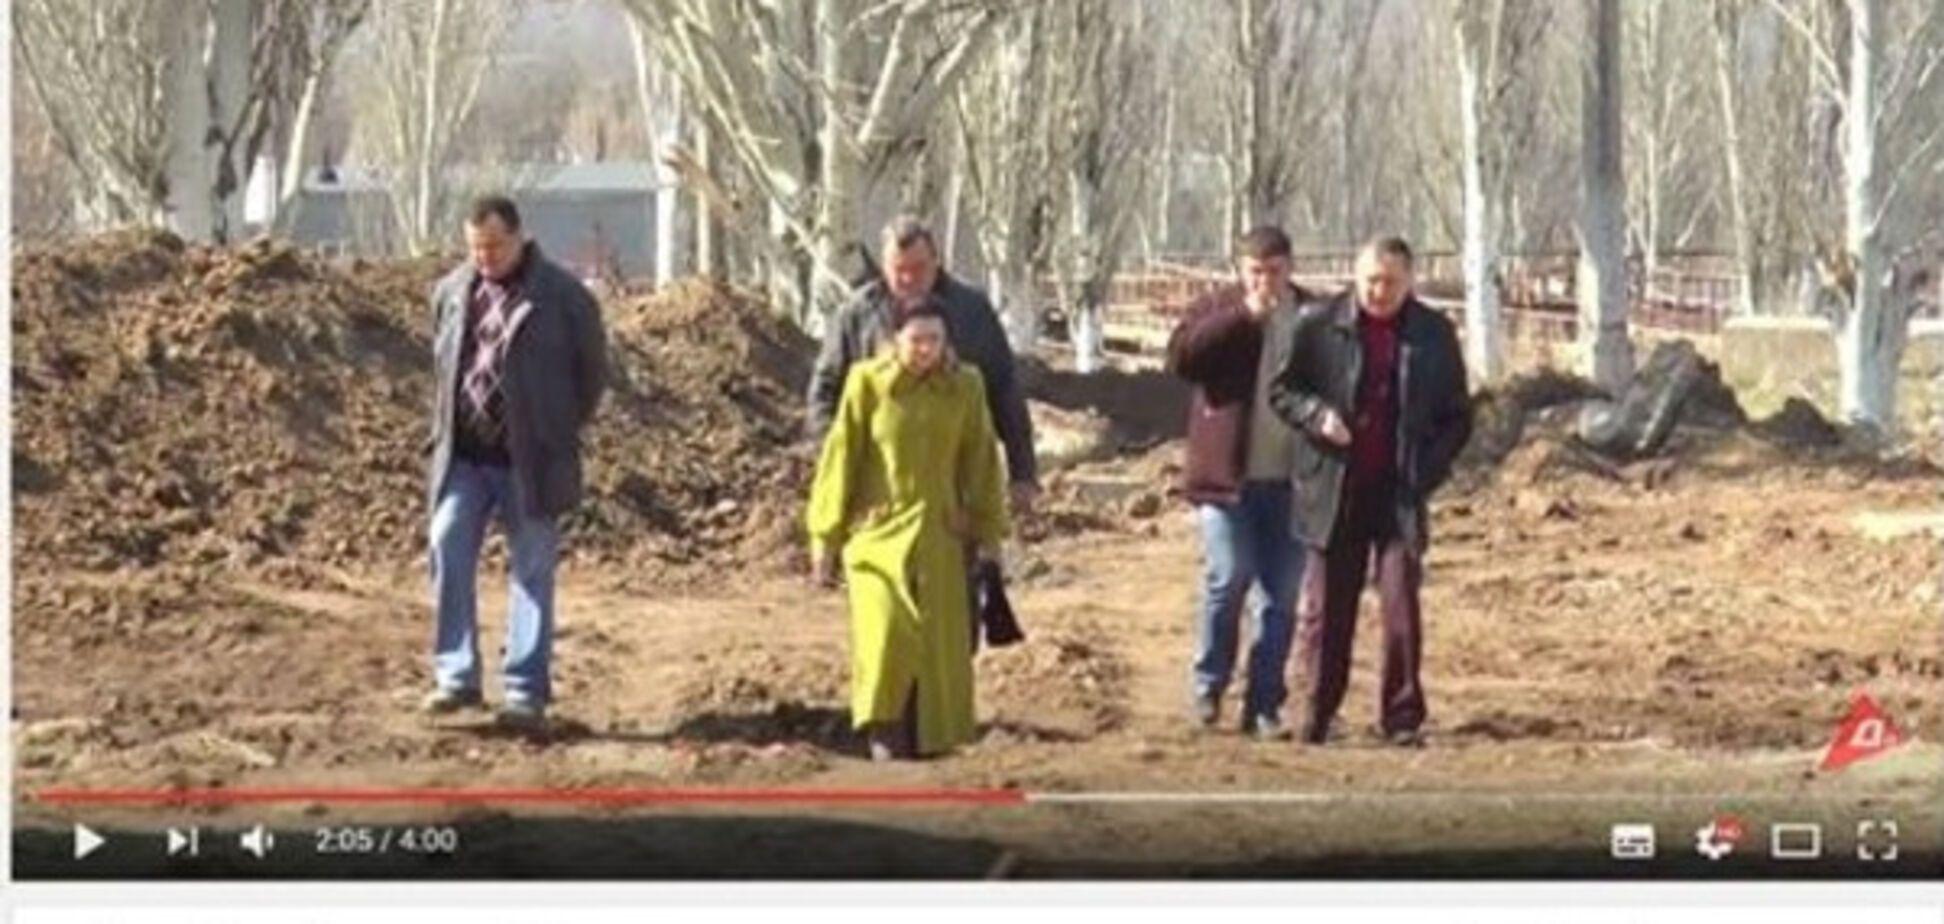 Пропагандистов 'ДНР' уличили в воровстве сюжетов у украинских СМИ: появились фото